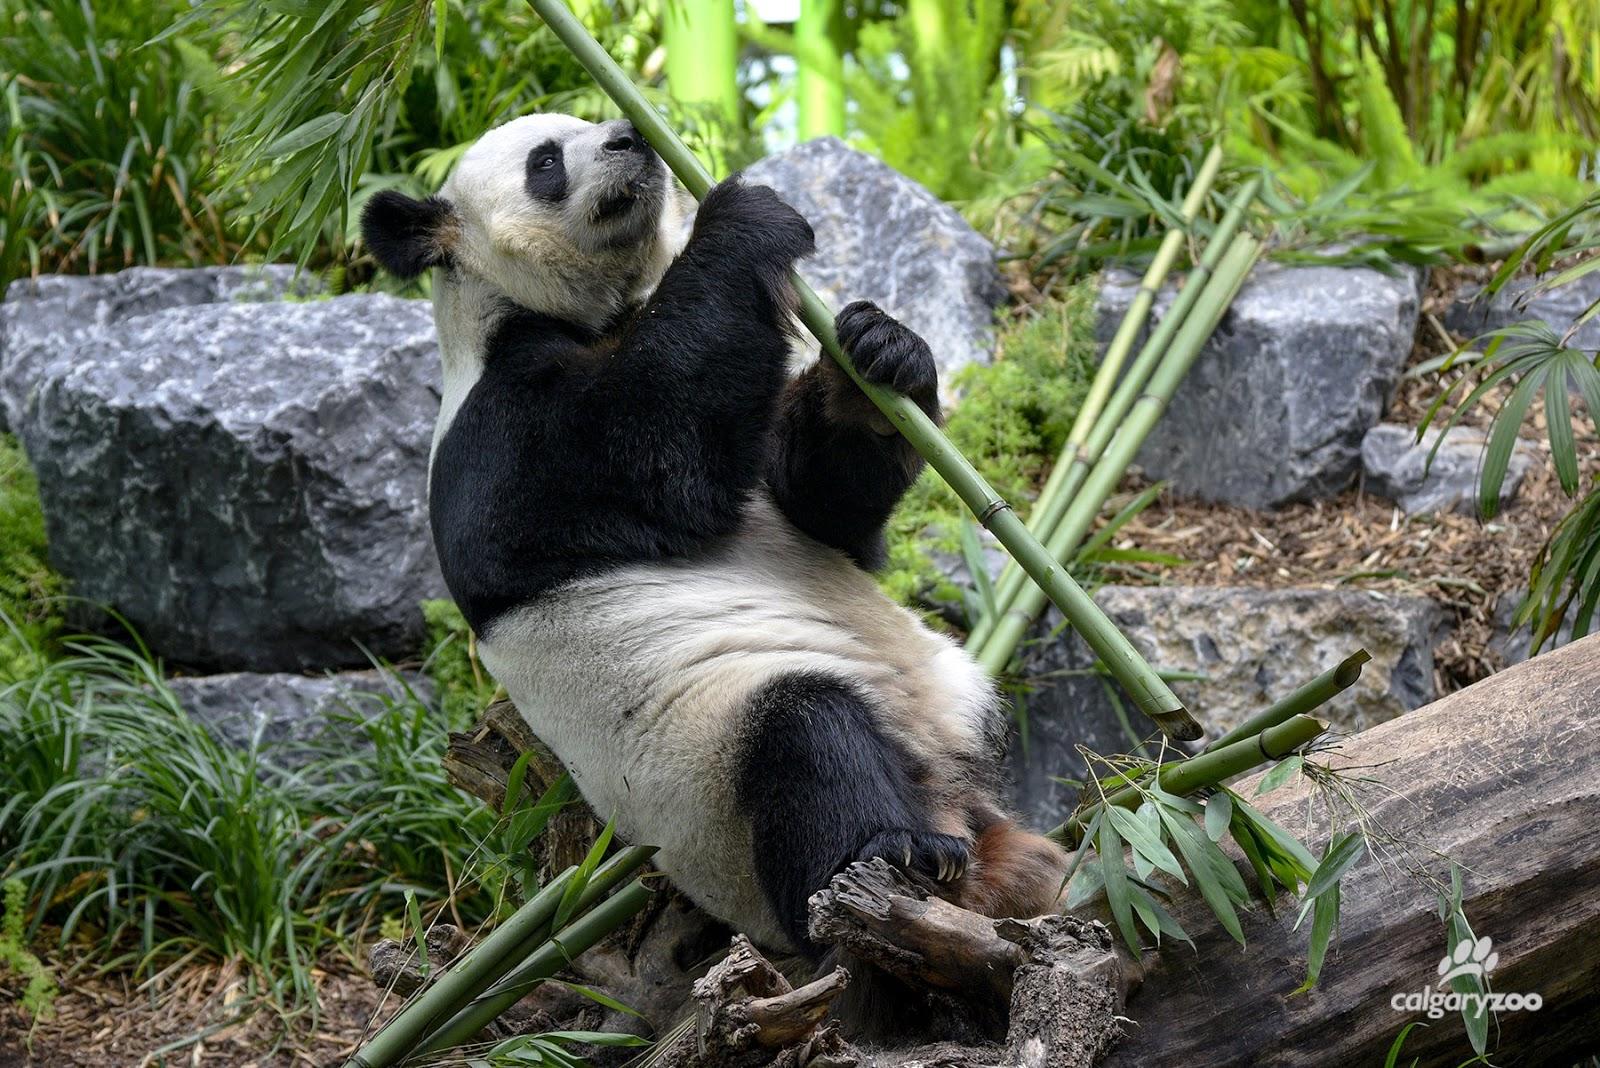 20200513-looking at bamboo.jpeg